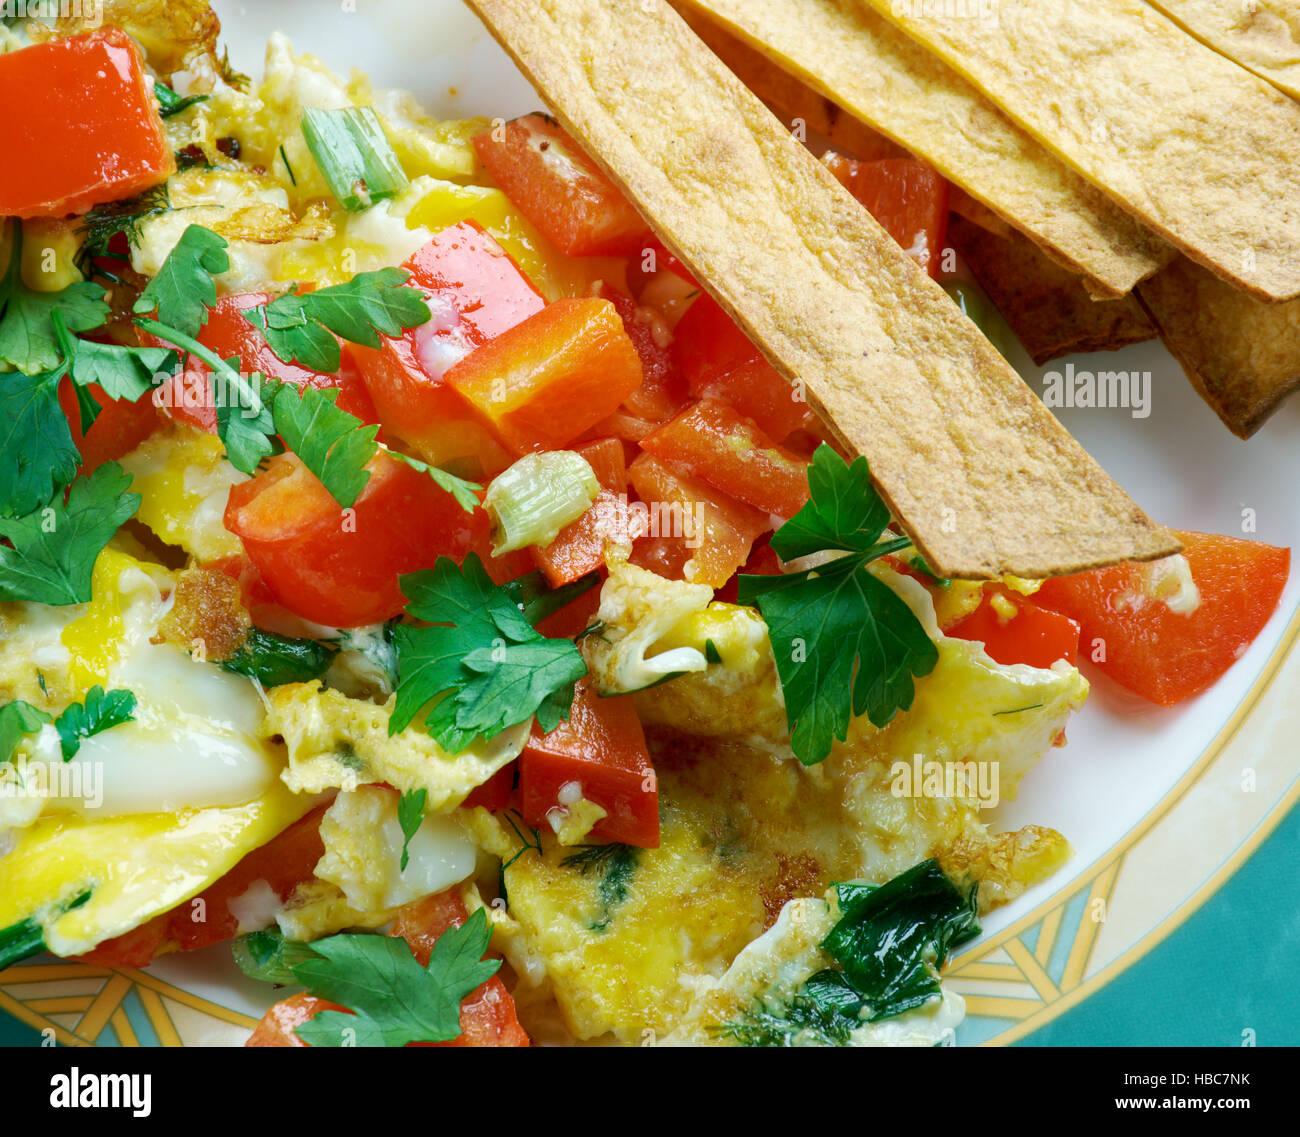 Migas Tex-Mex-Küche Stockfoto, Bild: 127503311 - Alamy